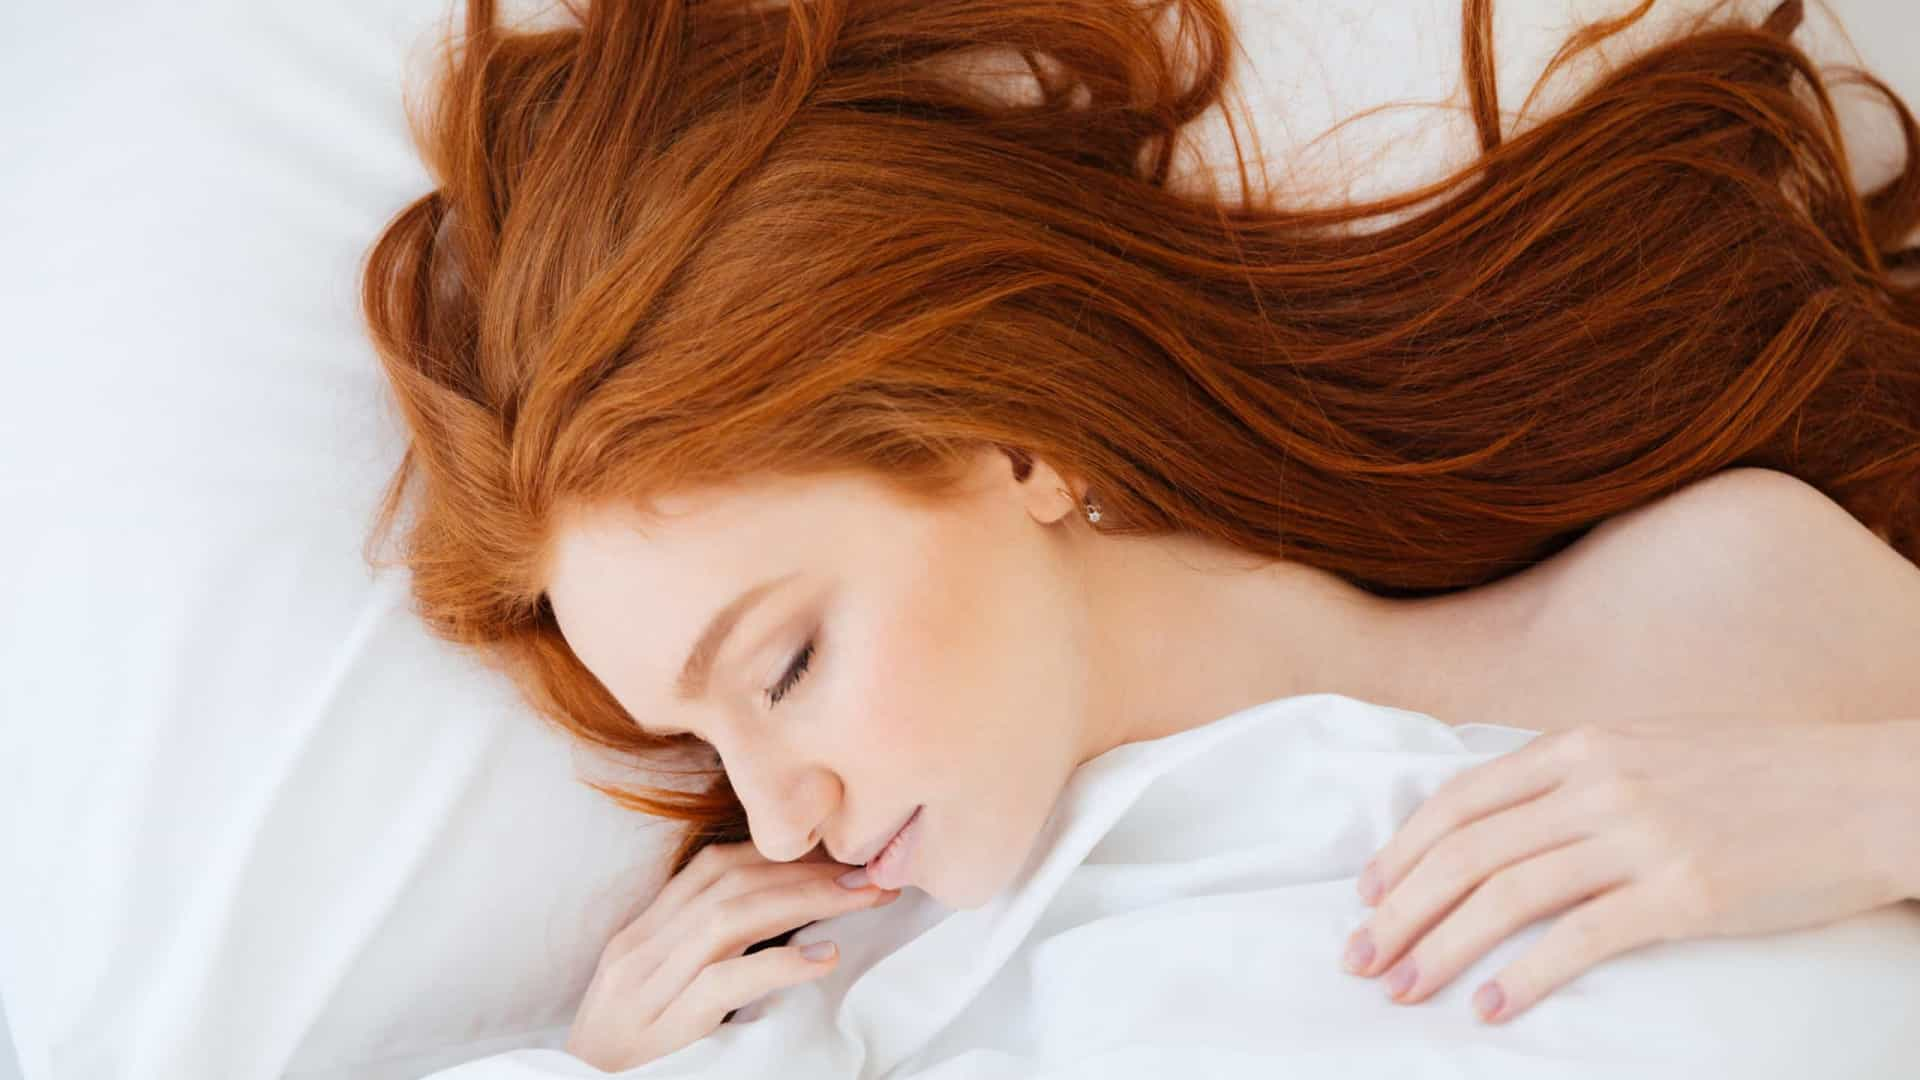 Covid-19. Sono, exercício e alimentação podem ajudar a gerir o stress